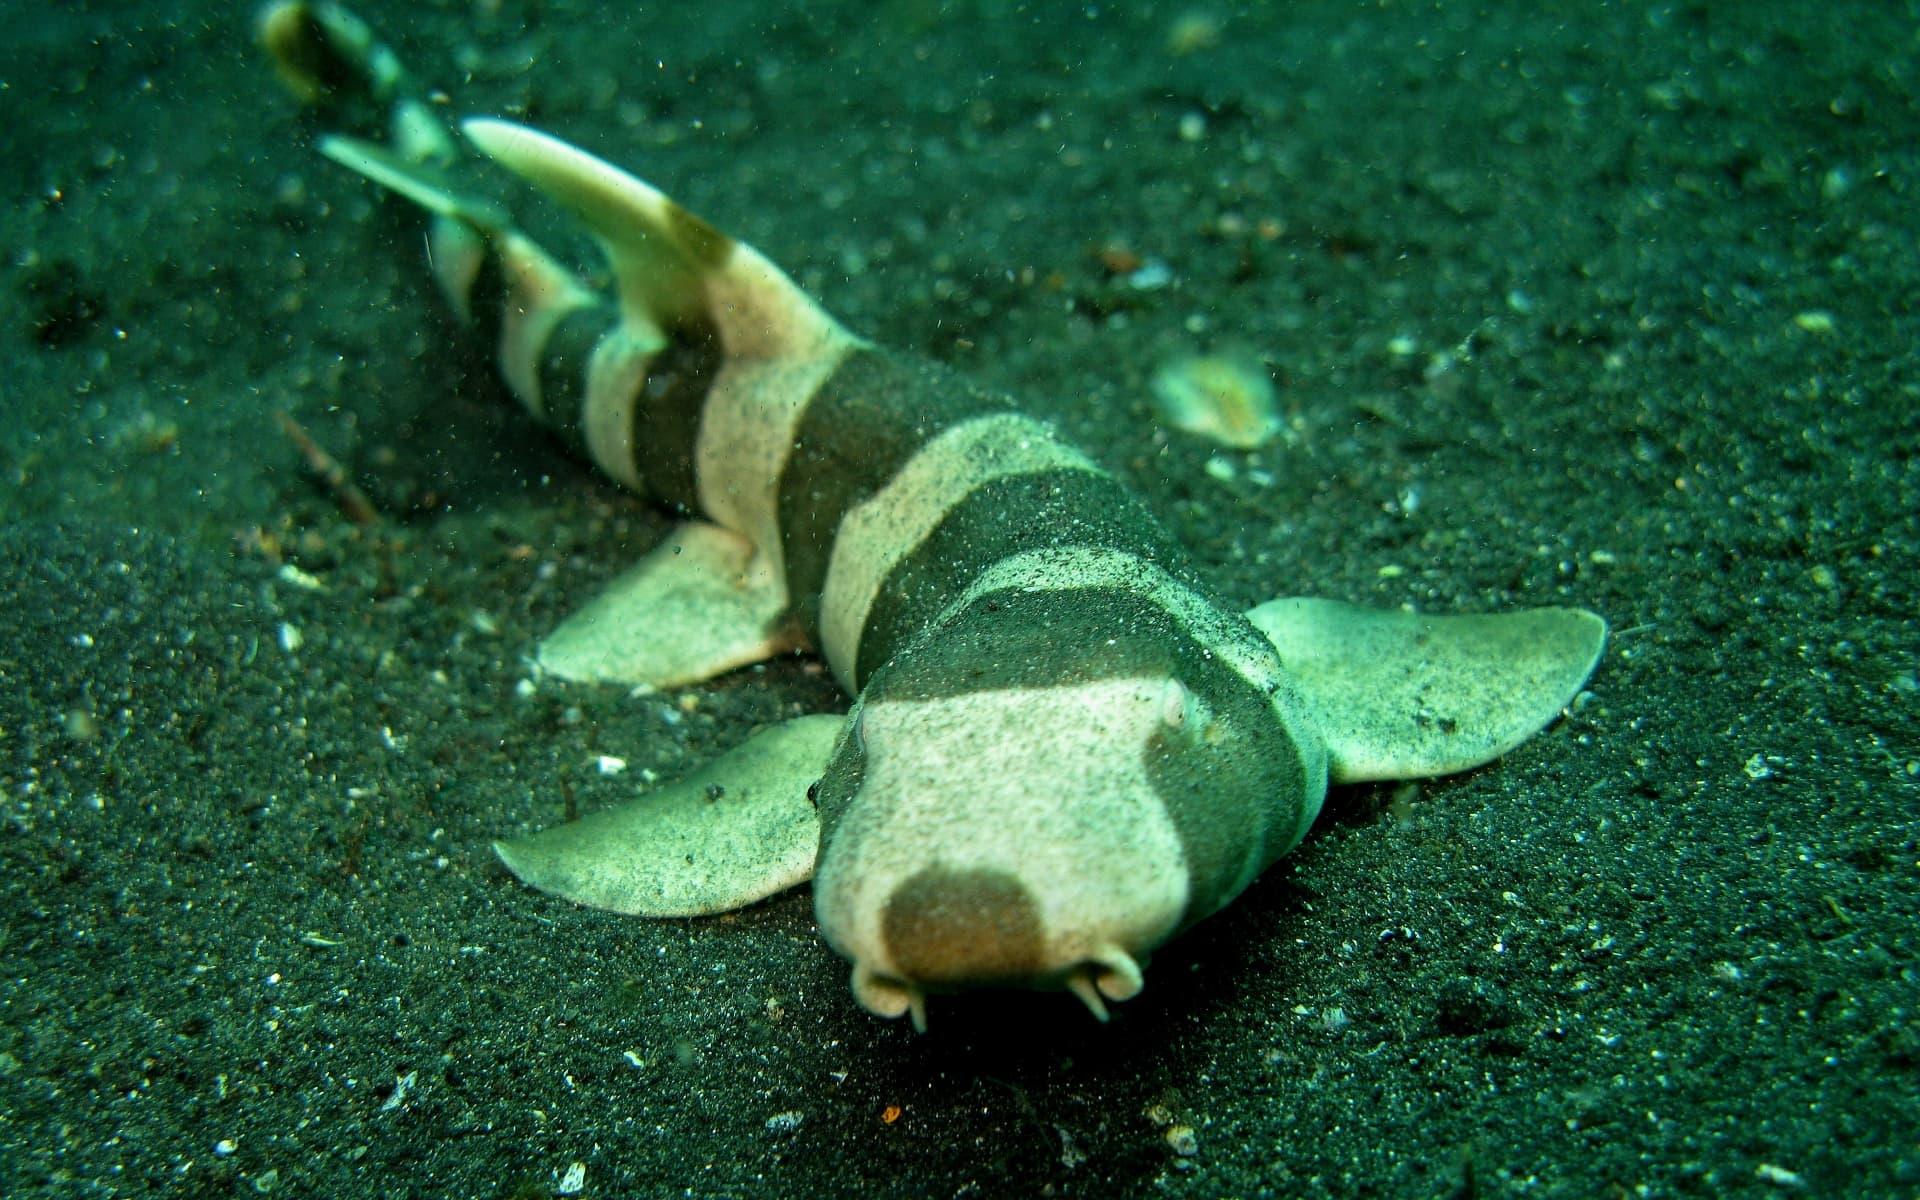 Акулы частично потеряли зрение и нюх в процессе эволюции